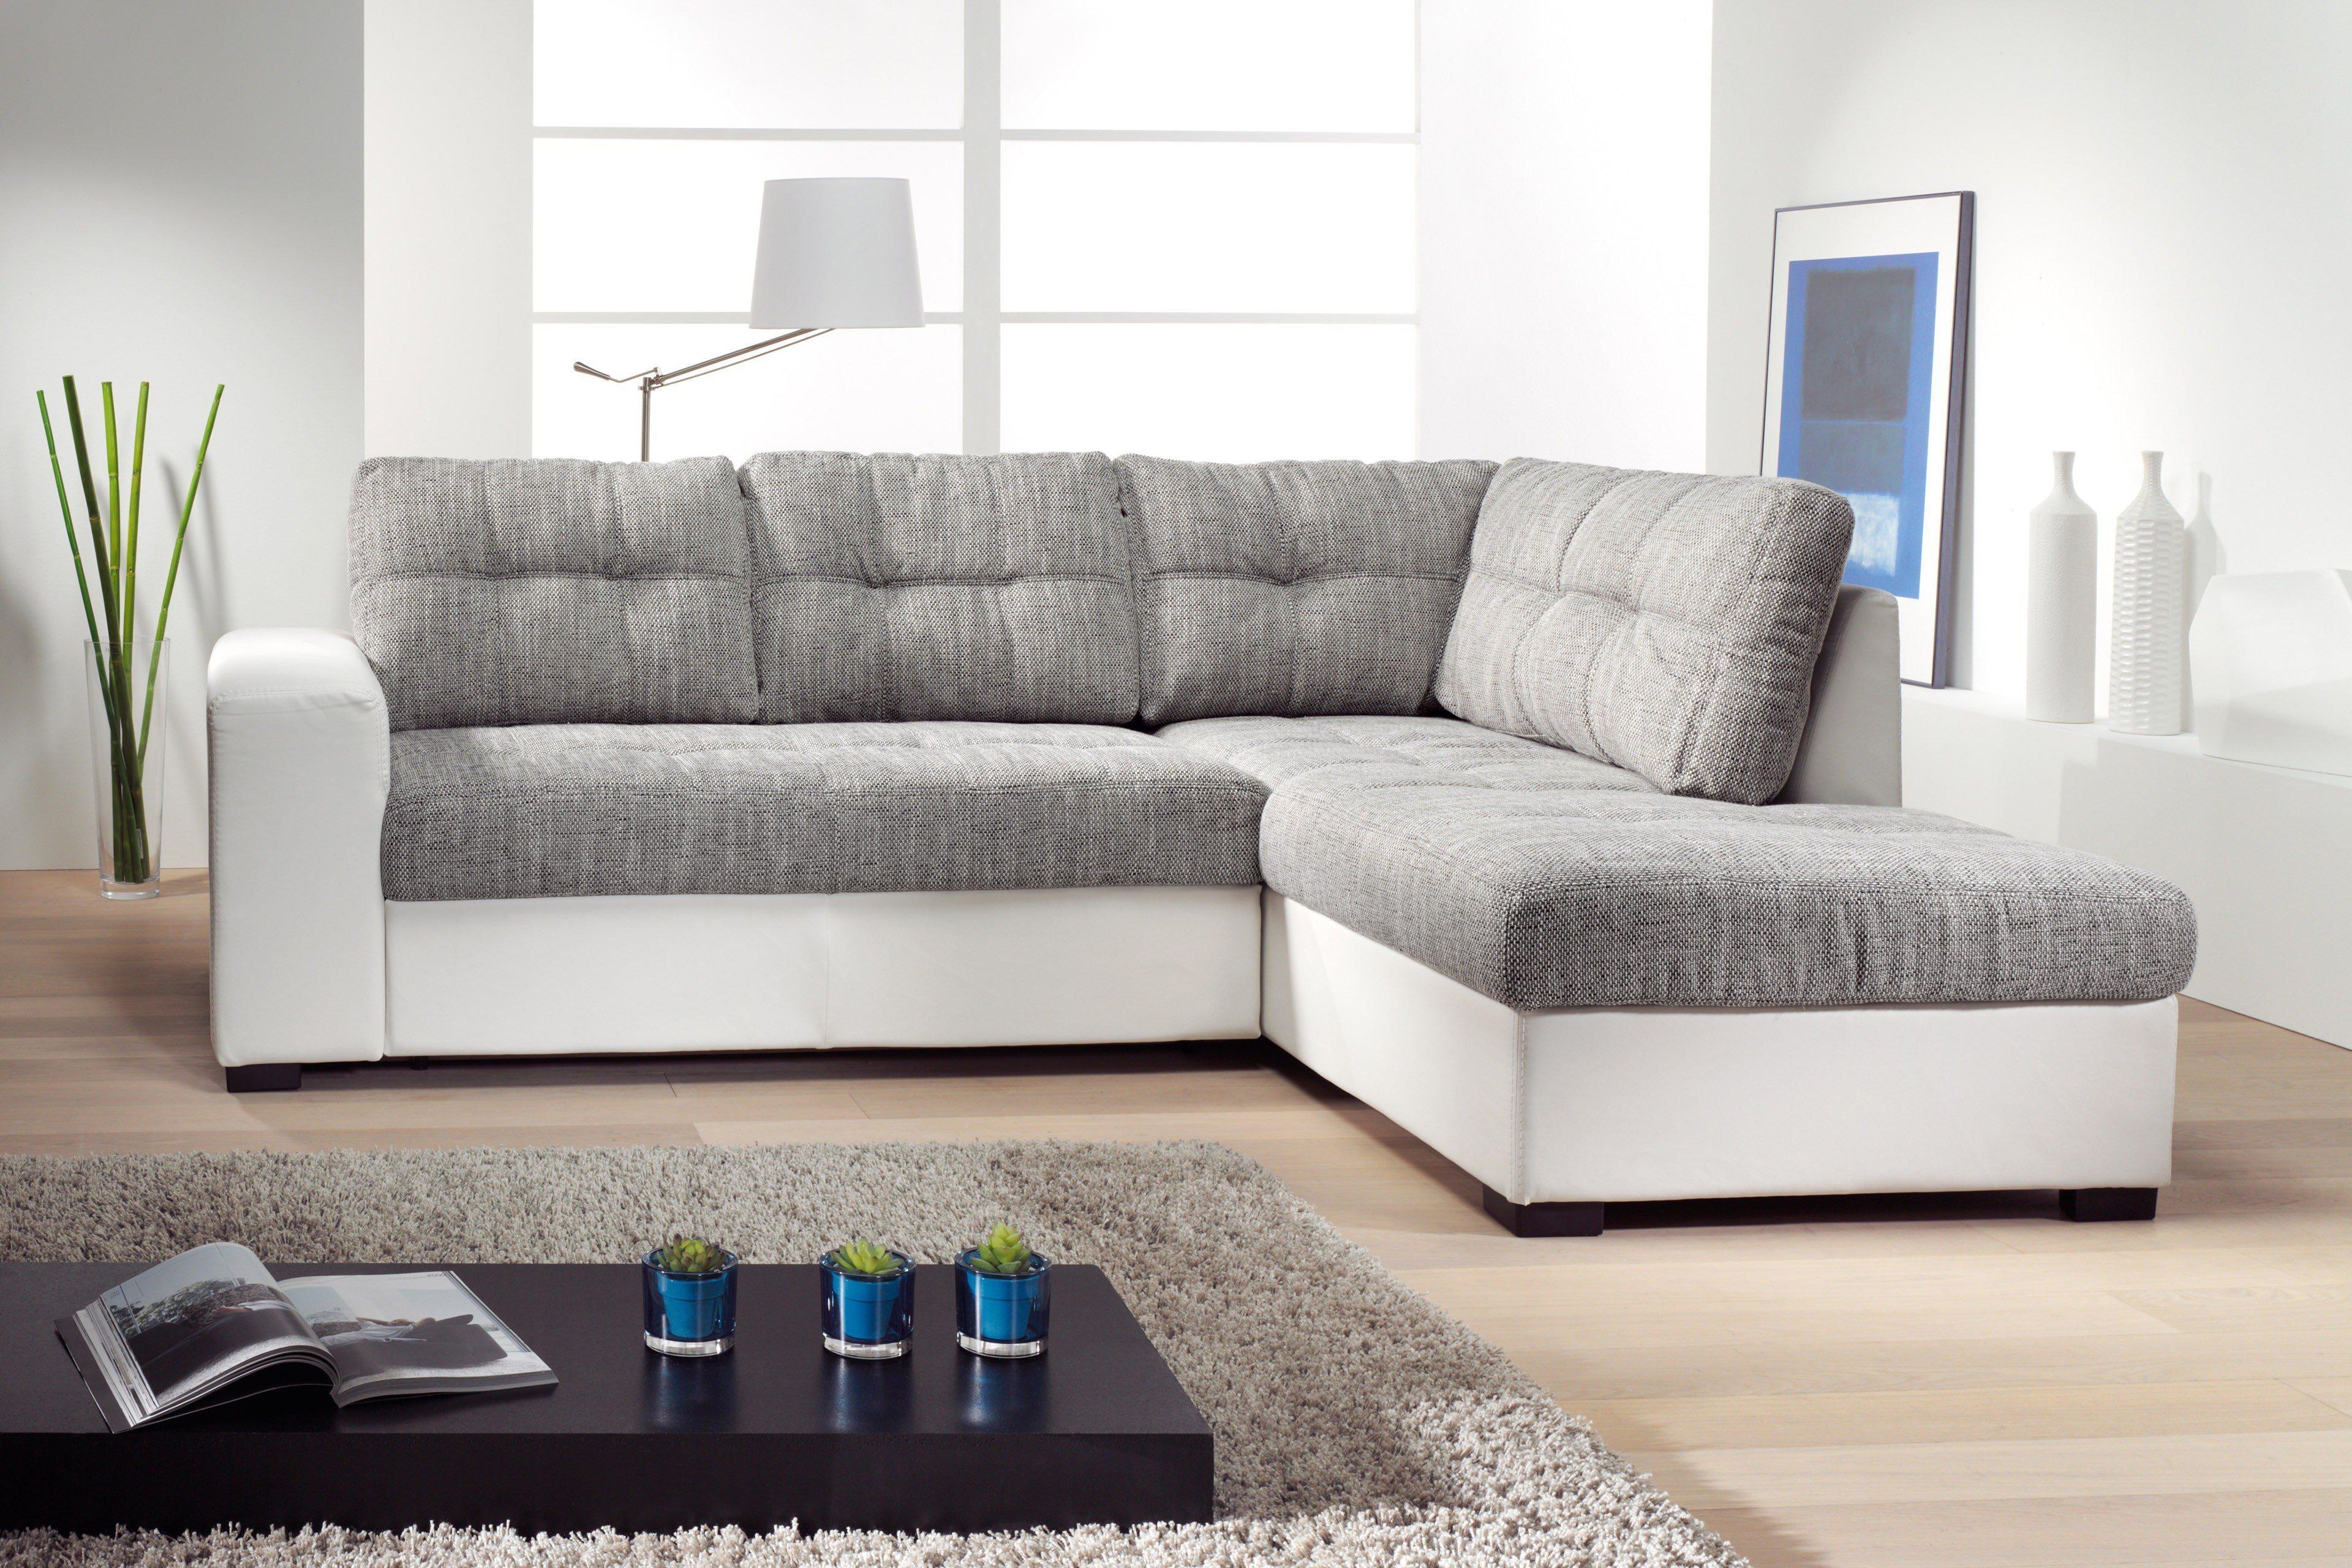 Cotta Tigris Ii Polsterecke In Grau Weiß Möbel Letz Ihr Online Shop